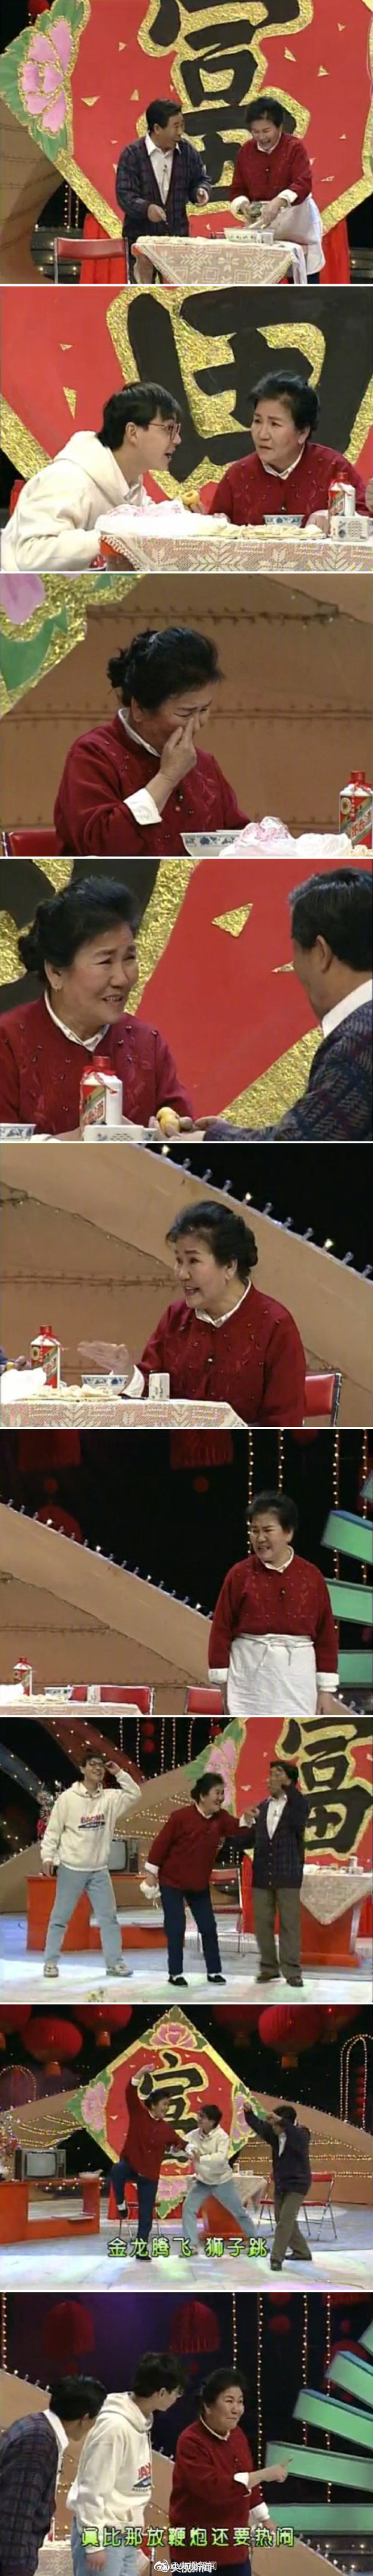 赵丽蓉去世21周年 那些经典台词 你是否还记得?